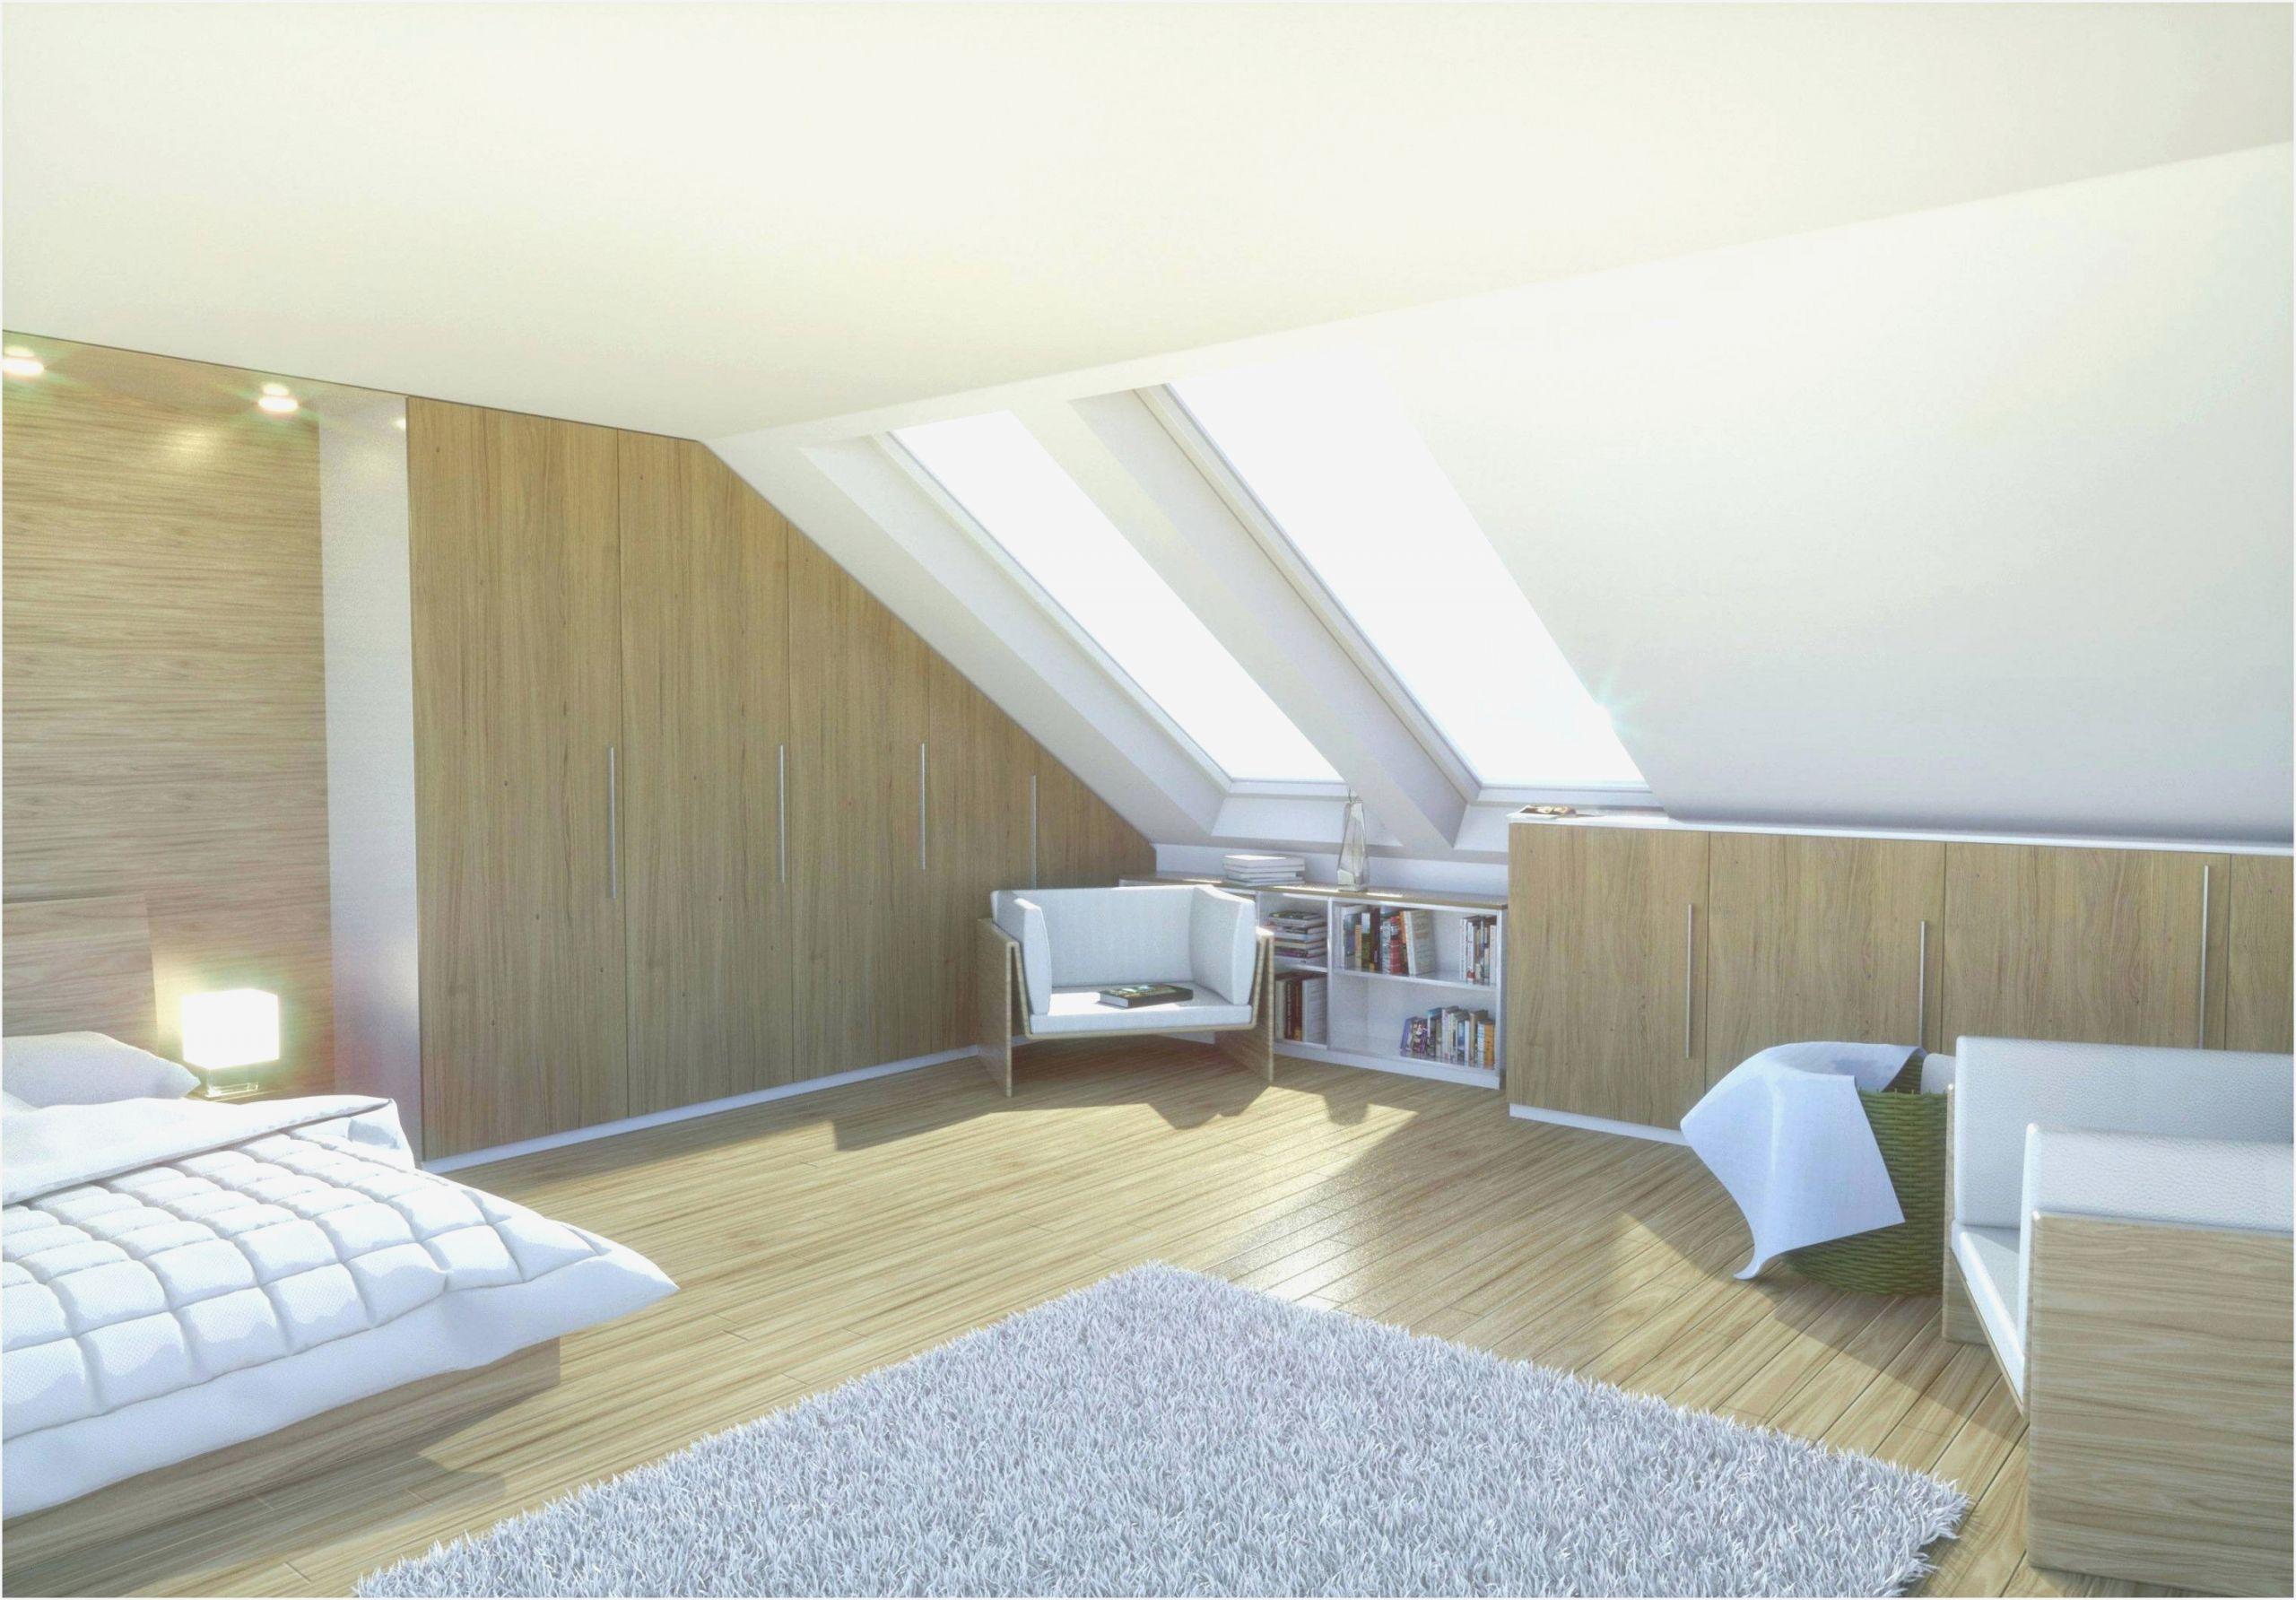 Deko Ideen Aus Holz Selber Machen Neu Schlafzimmer Deko Selber Machen Schlafzimmer Traumhaus